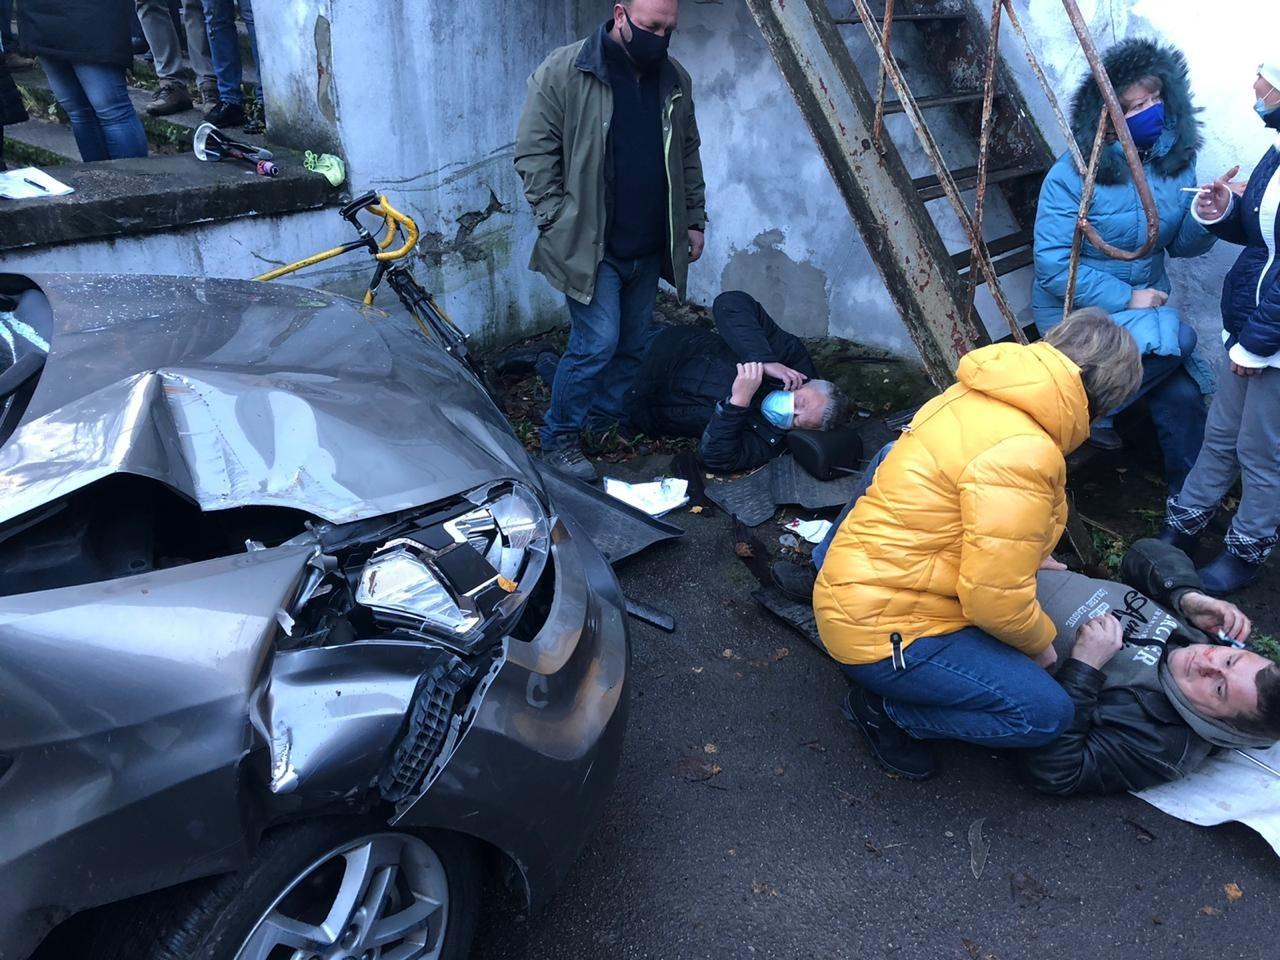 79-летний водитель перепутал педали и наехал на пешеходов. Пострадало 8 человек (видео)